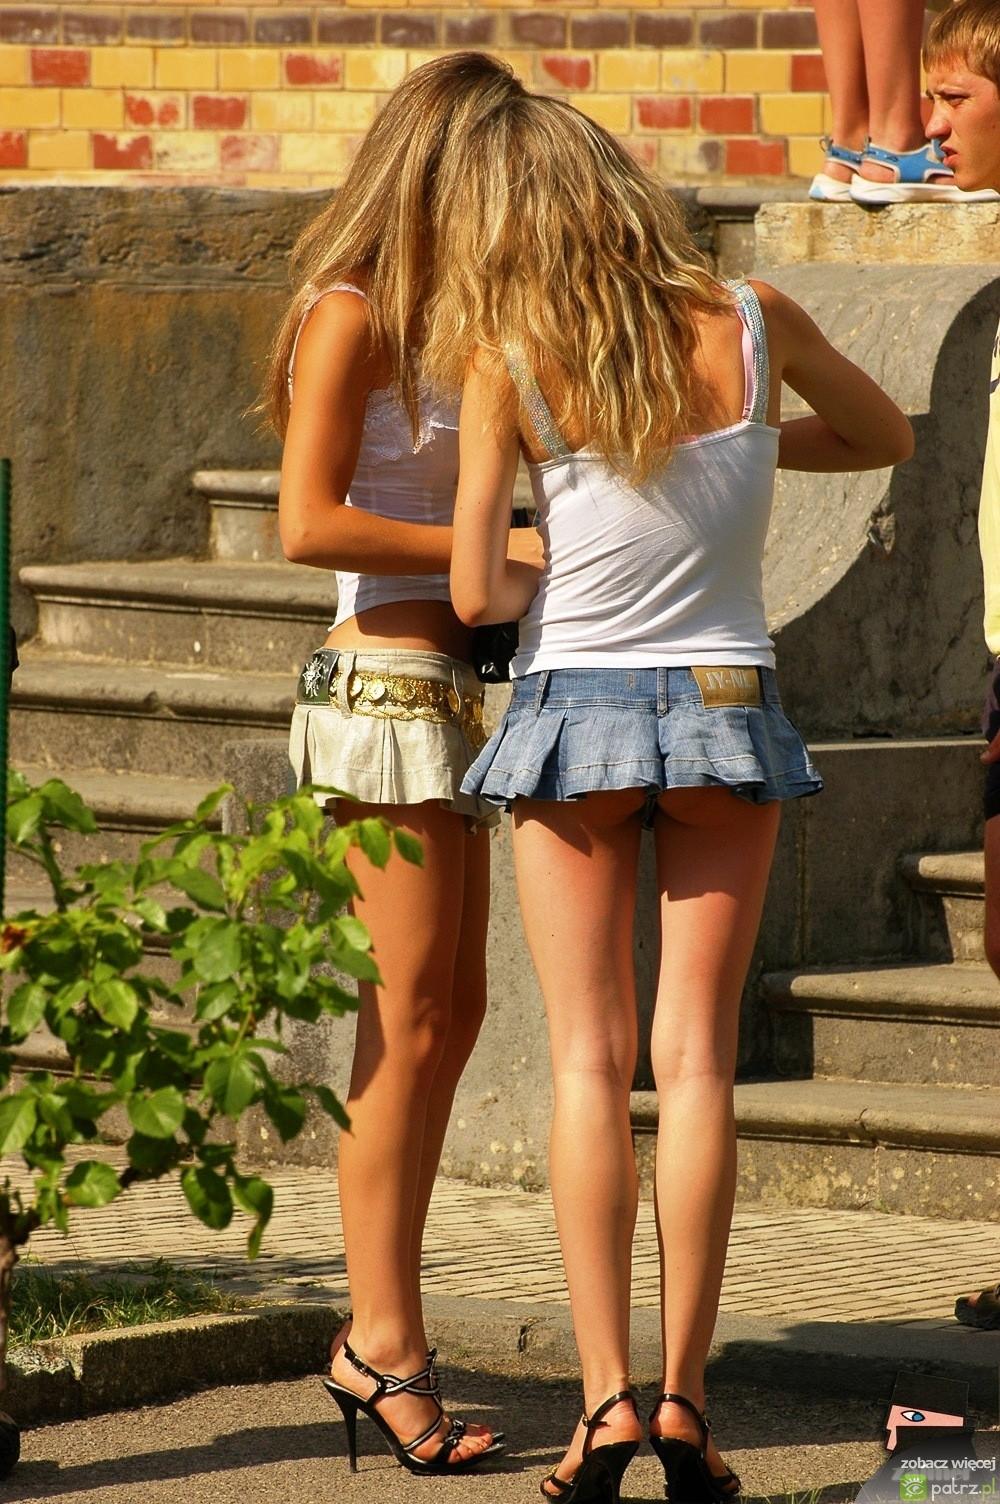 Смотреть Видео Девушки В Юбках